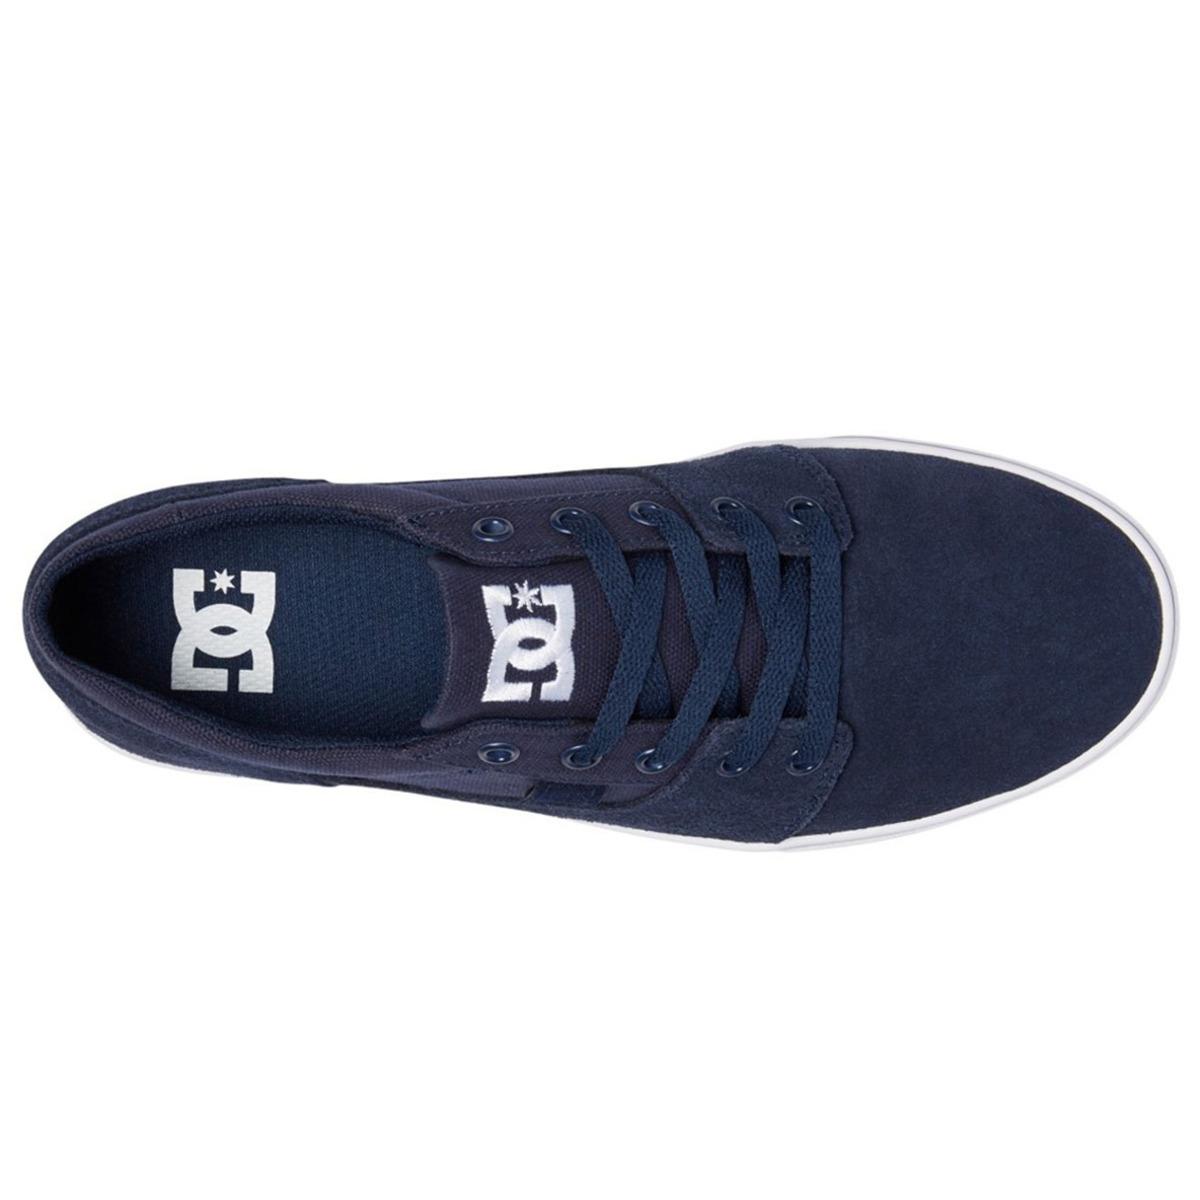 Tienda dc shoes